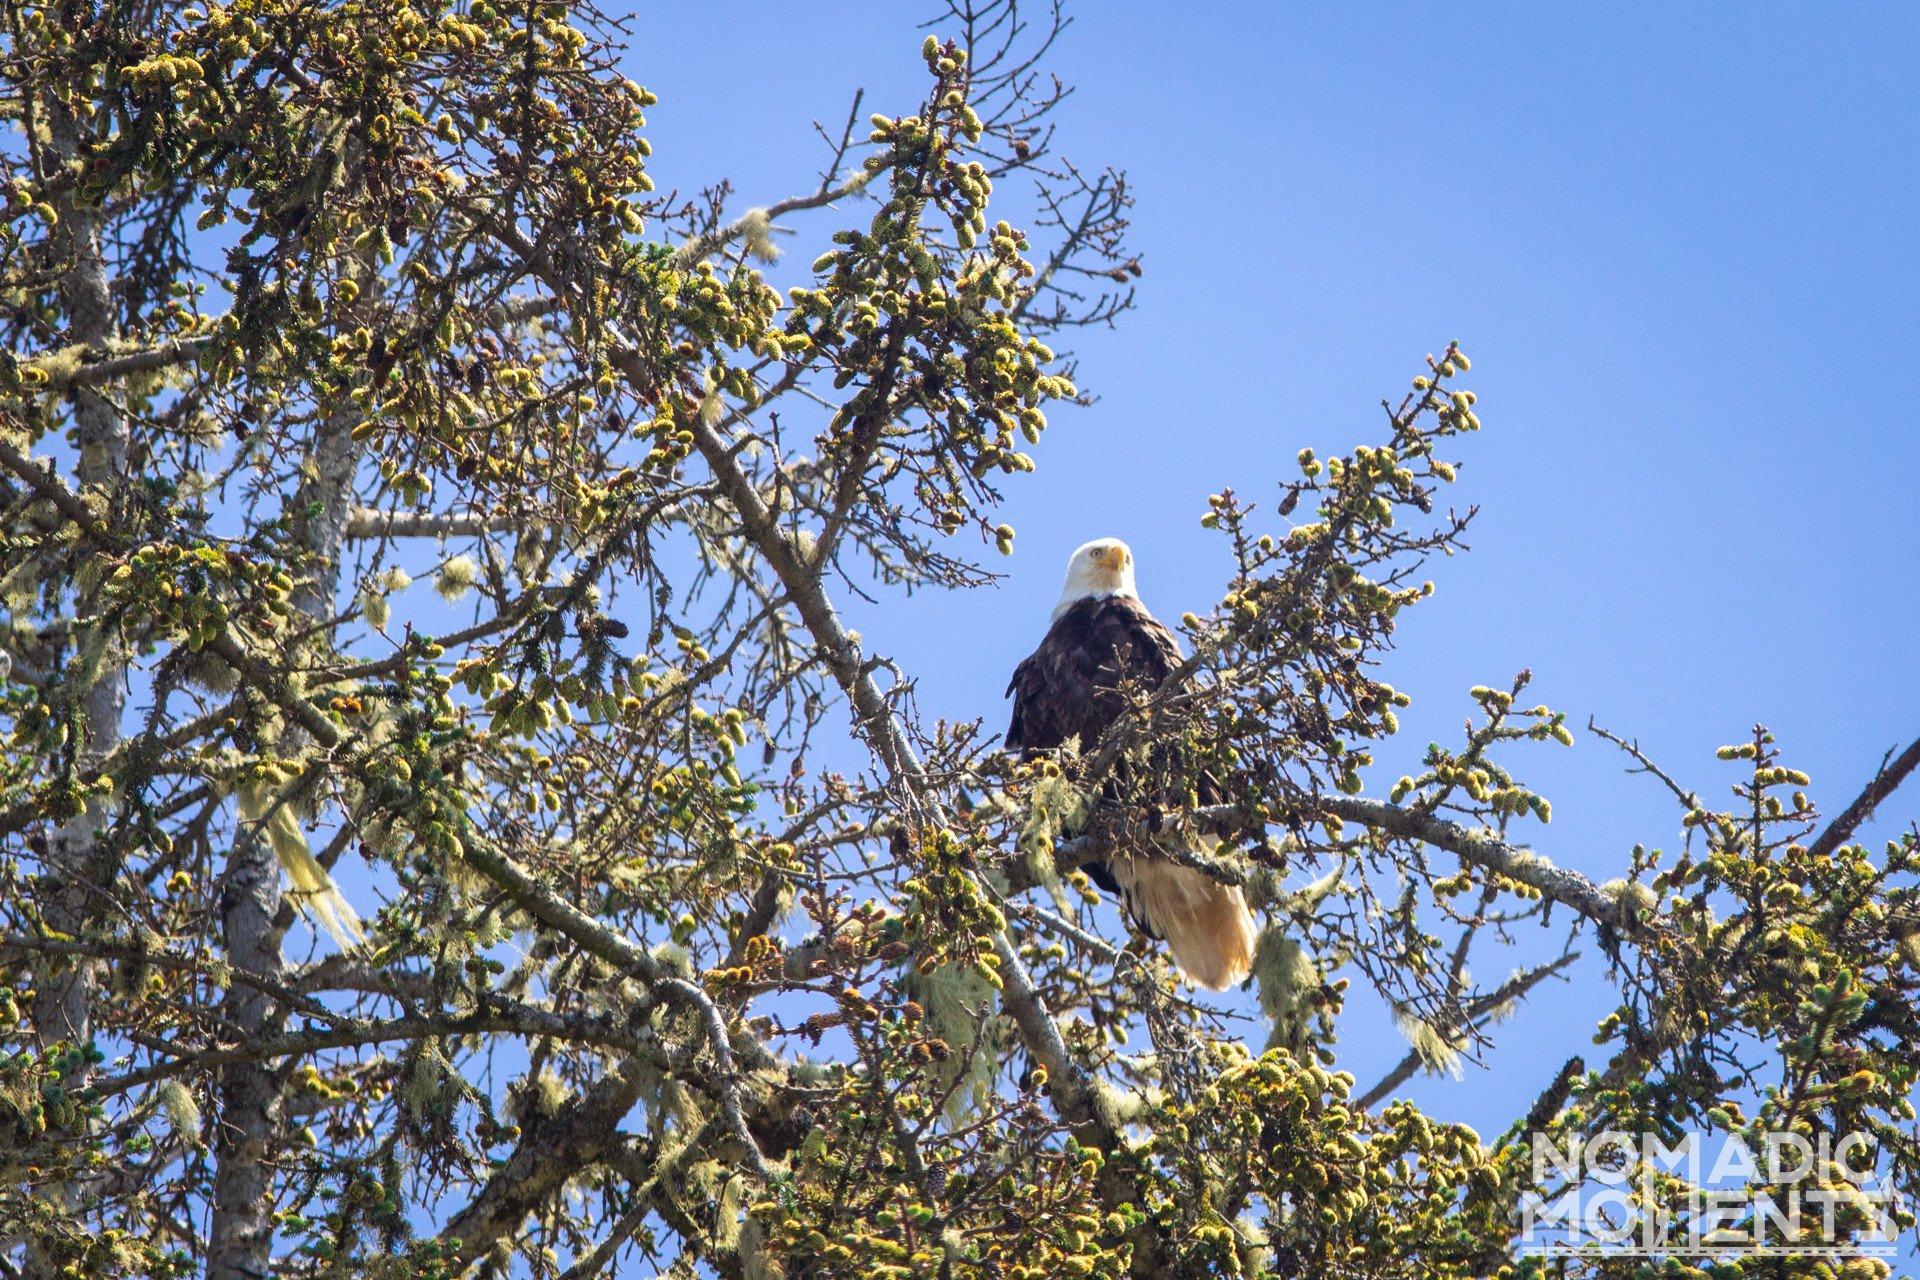 Olympic Bald Eagle